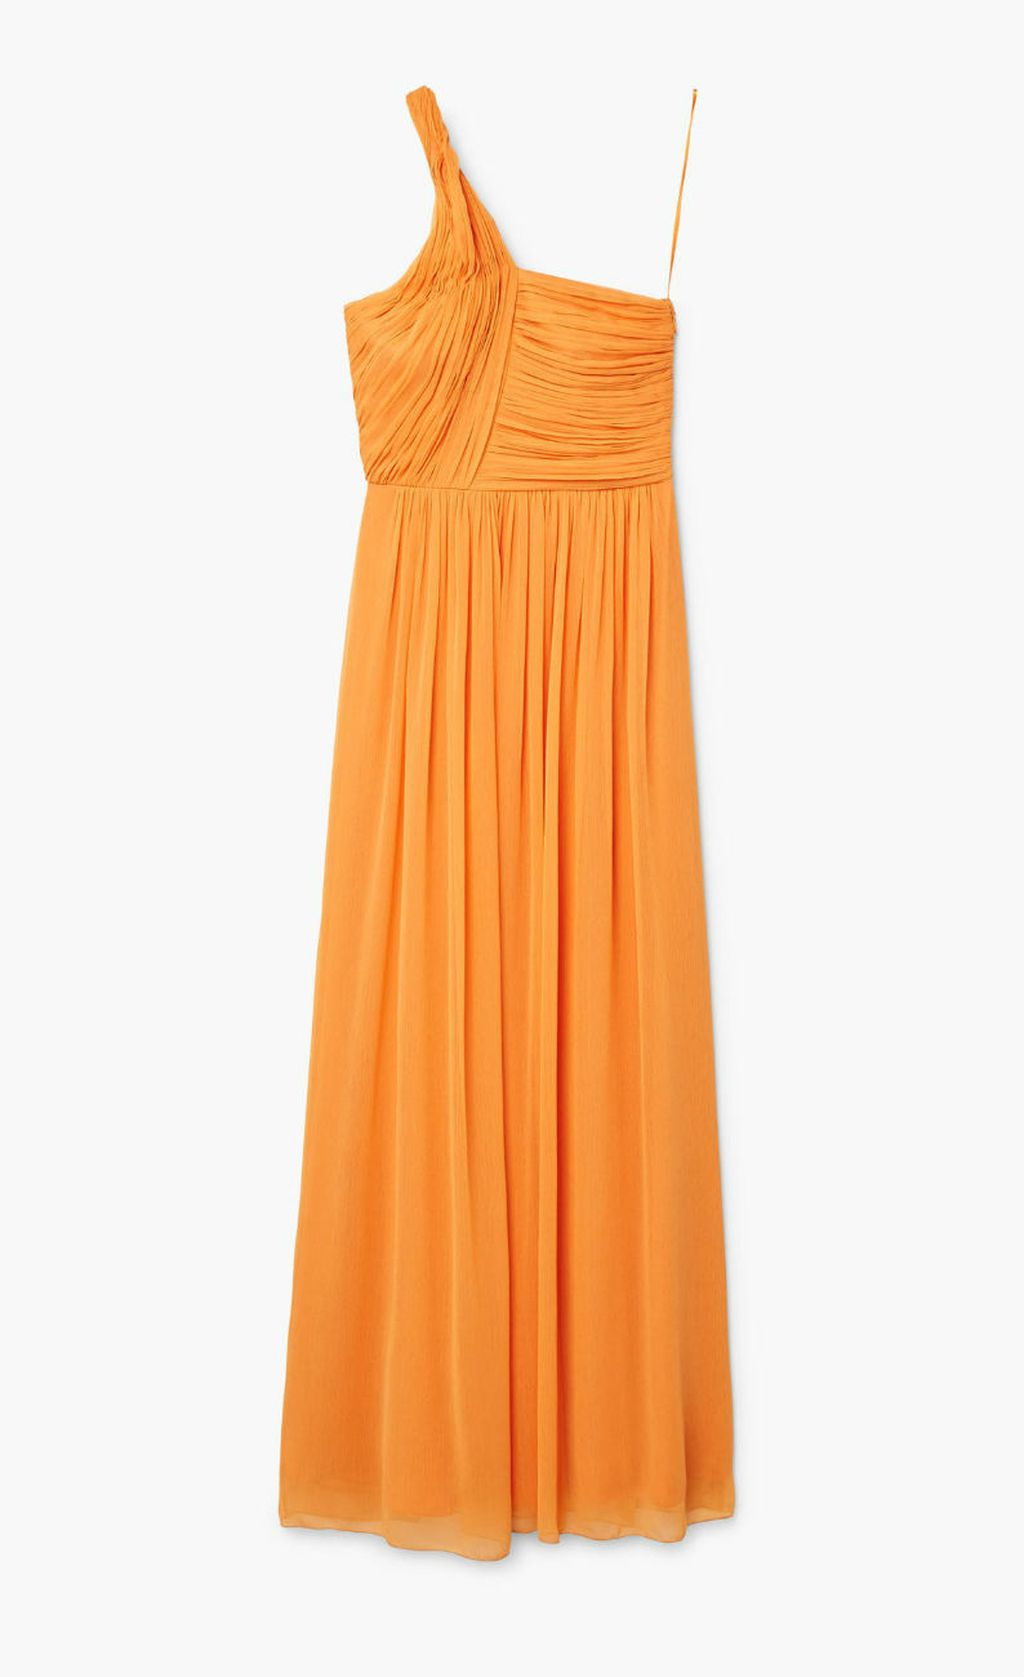 Maturalne haljine koje će \'odobriti\' i mama i razrednica - 3